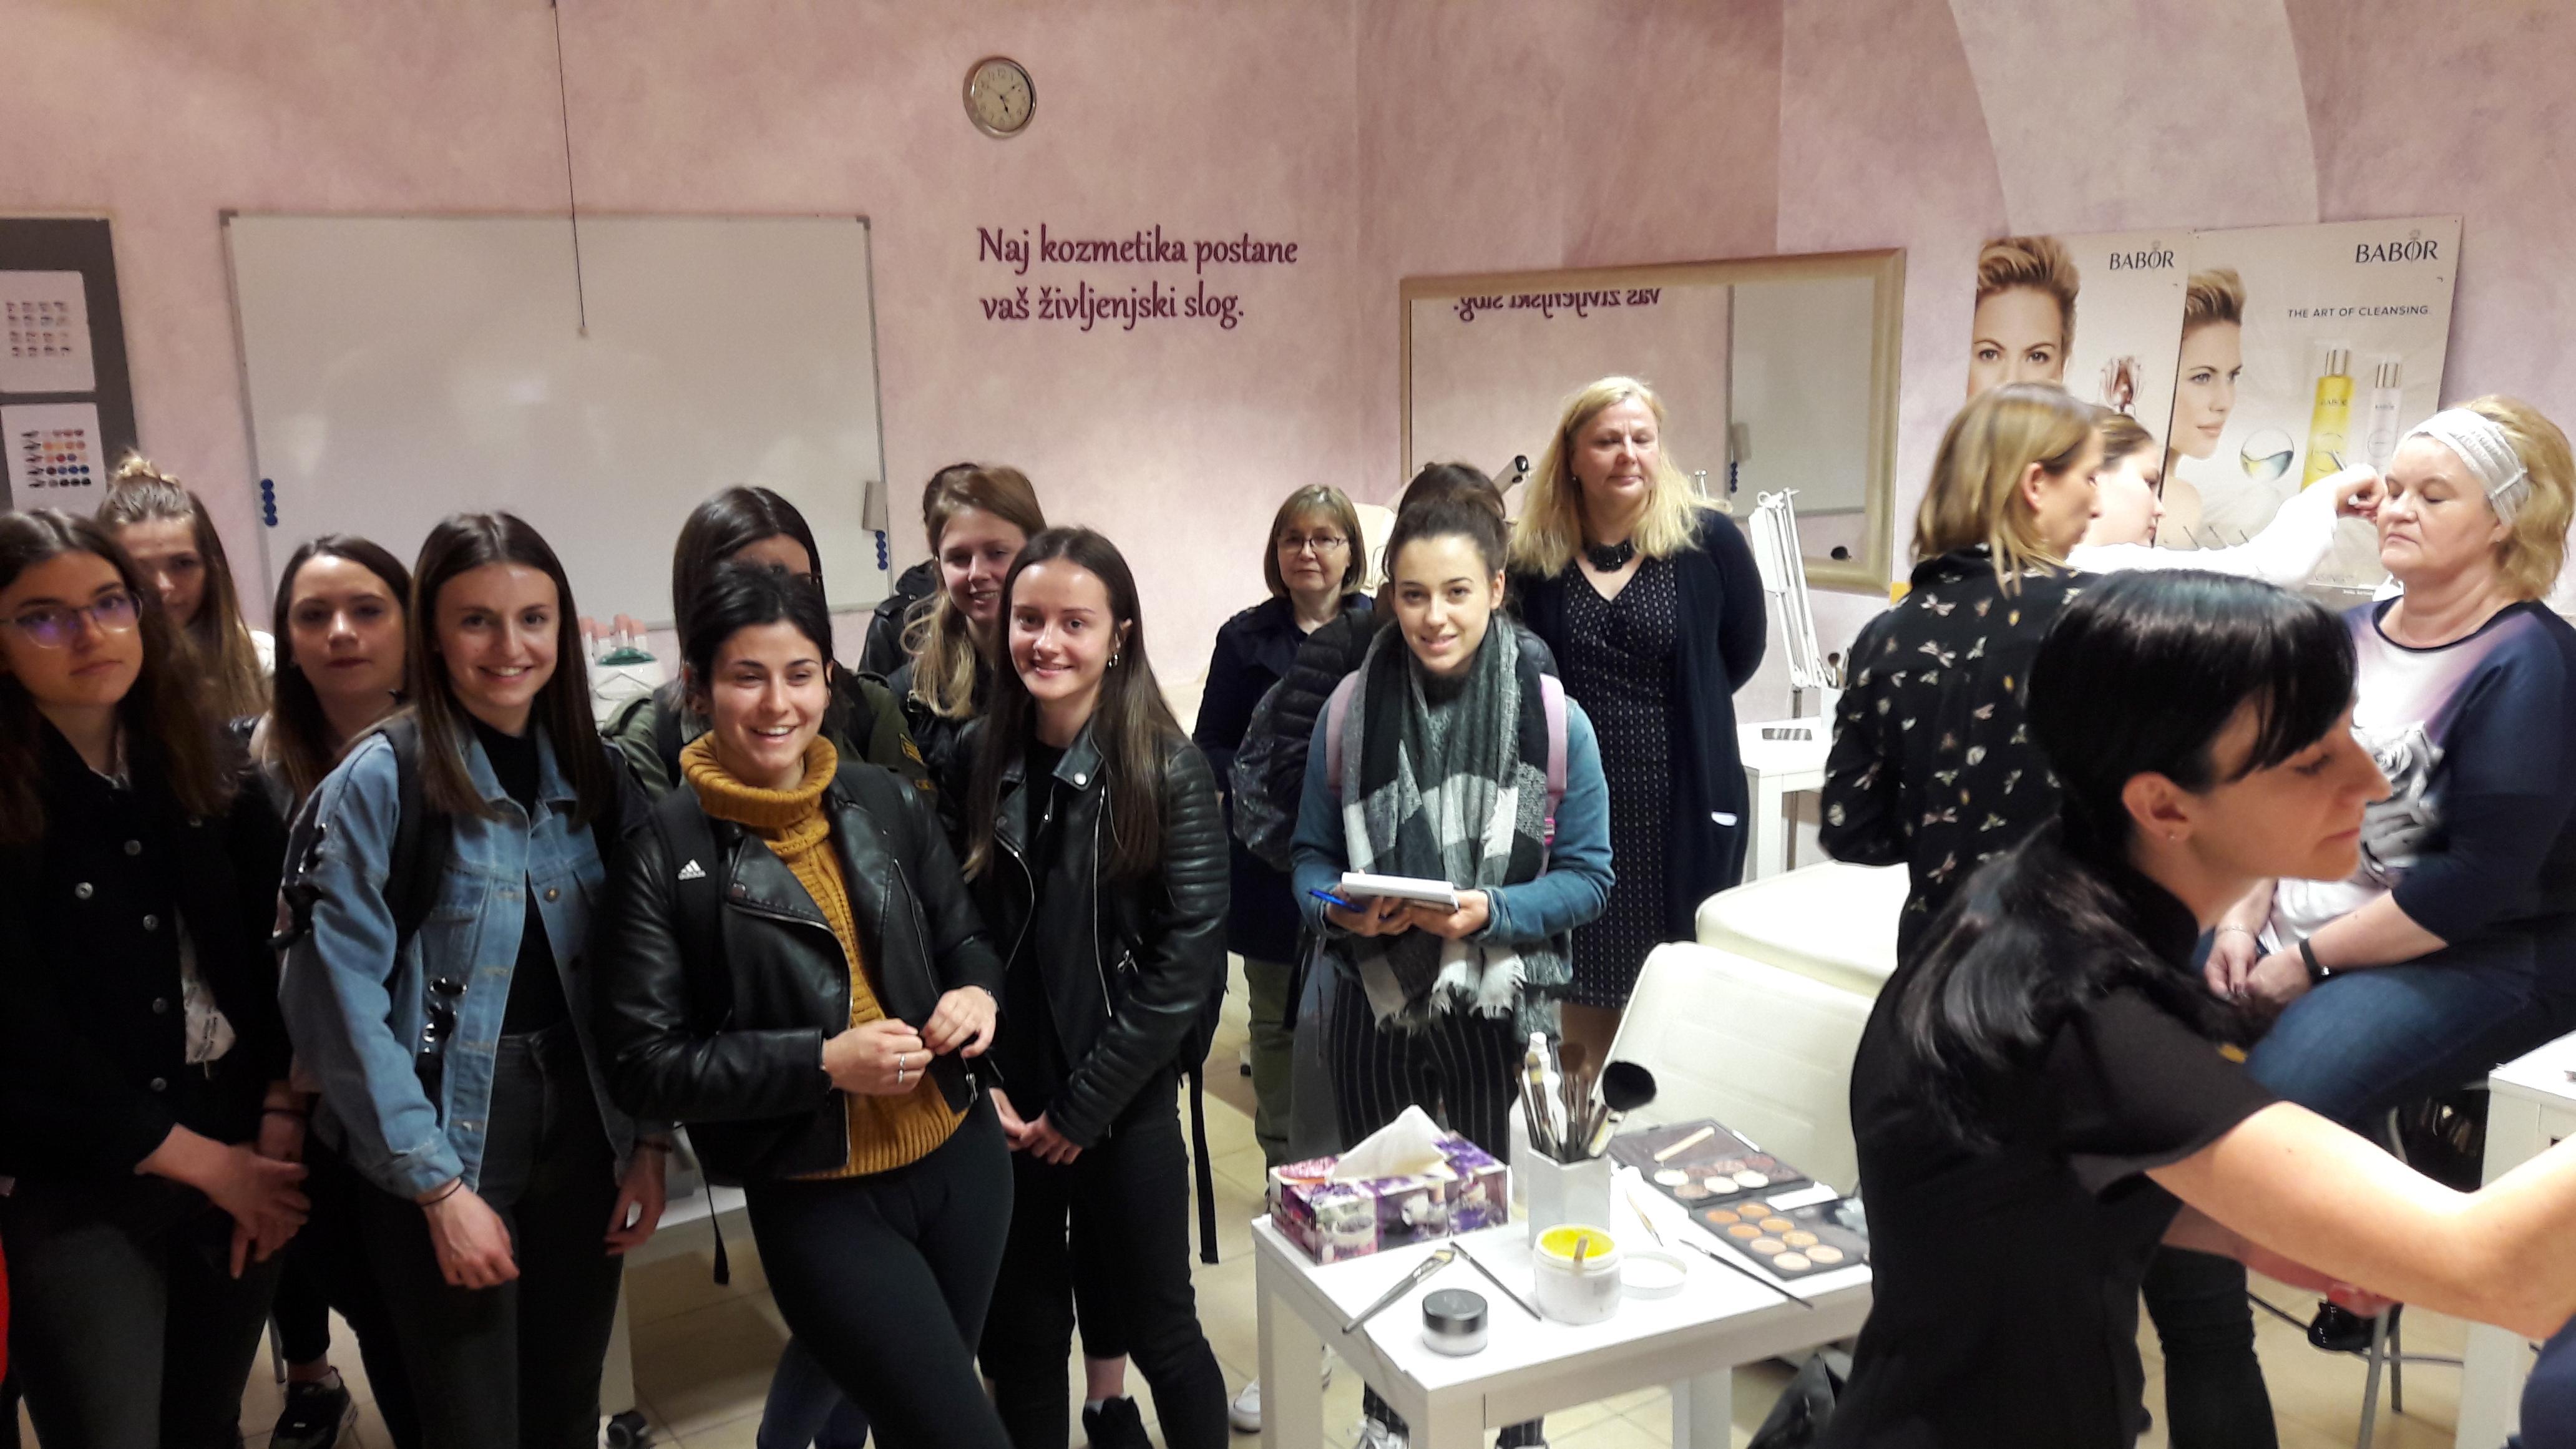 Dobo obiskala dekleta iz Lycée Professionnel J.B. d'Allard